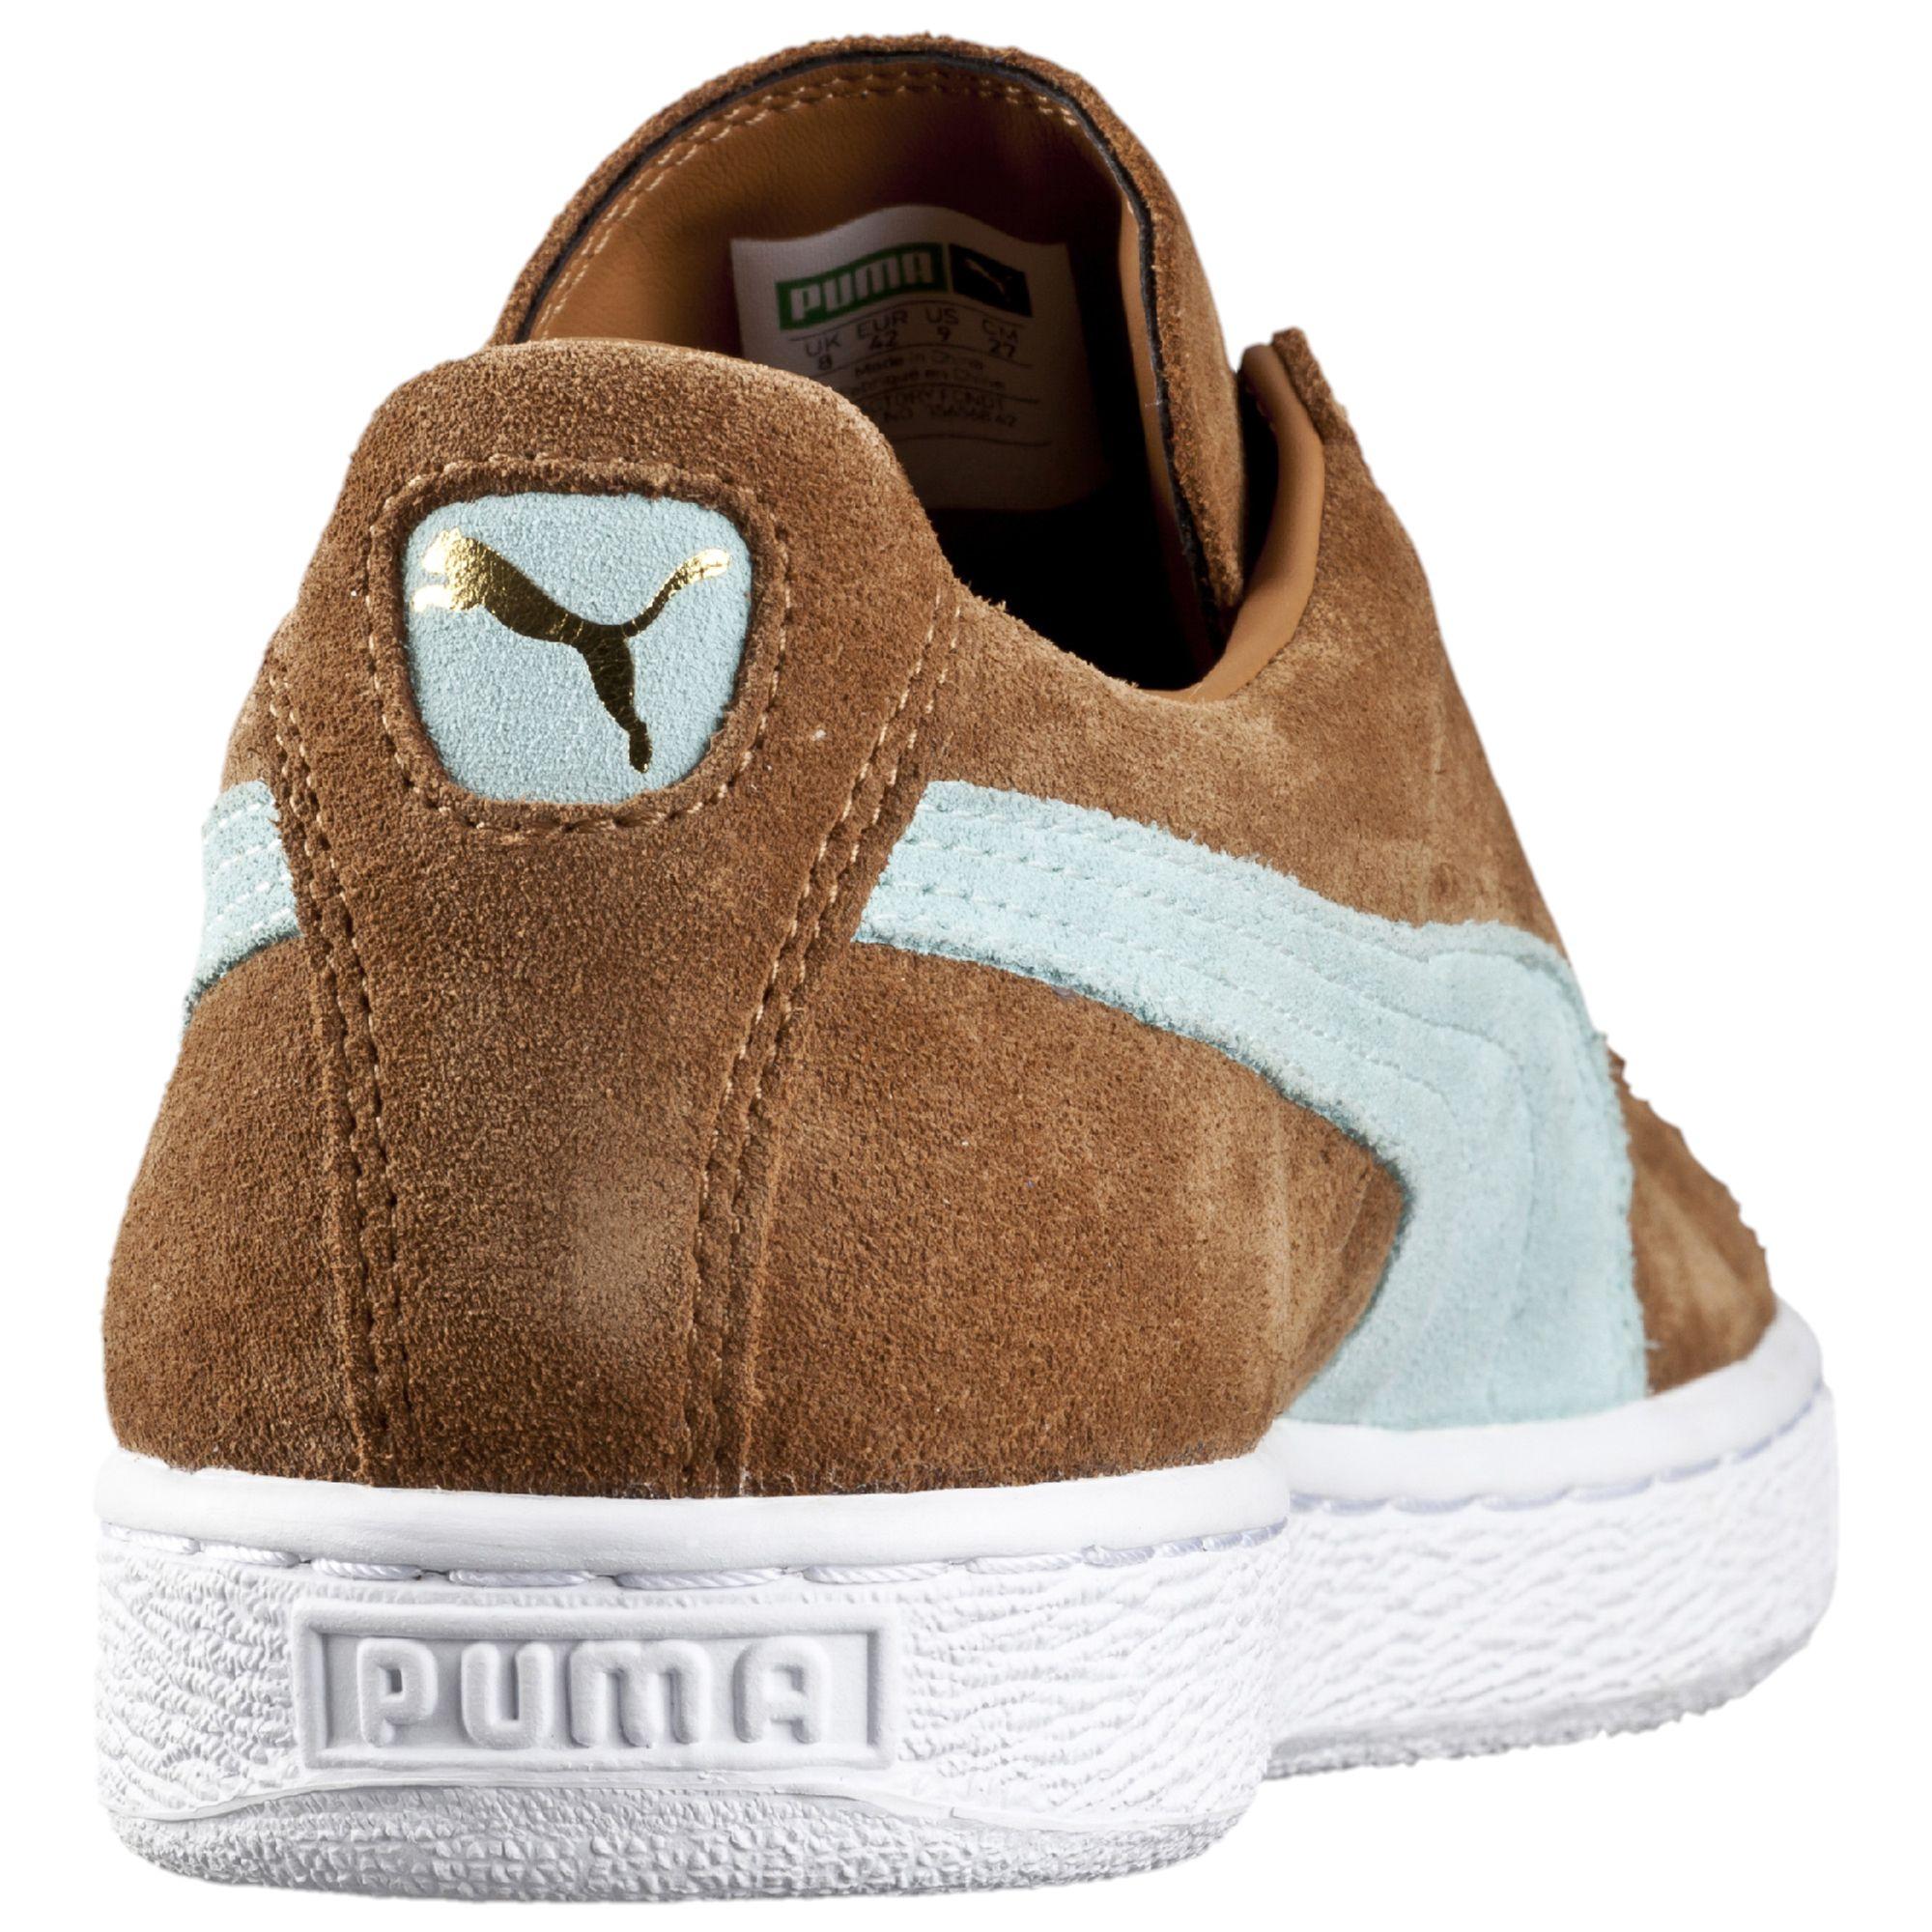 puma suede classic brown